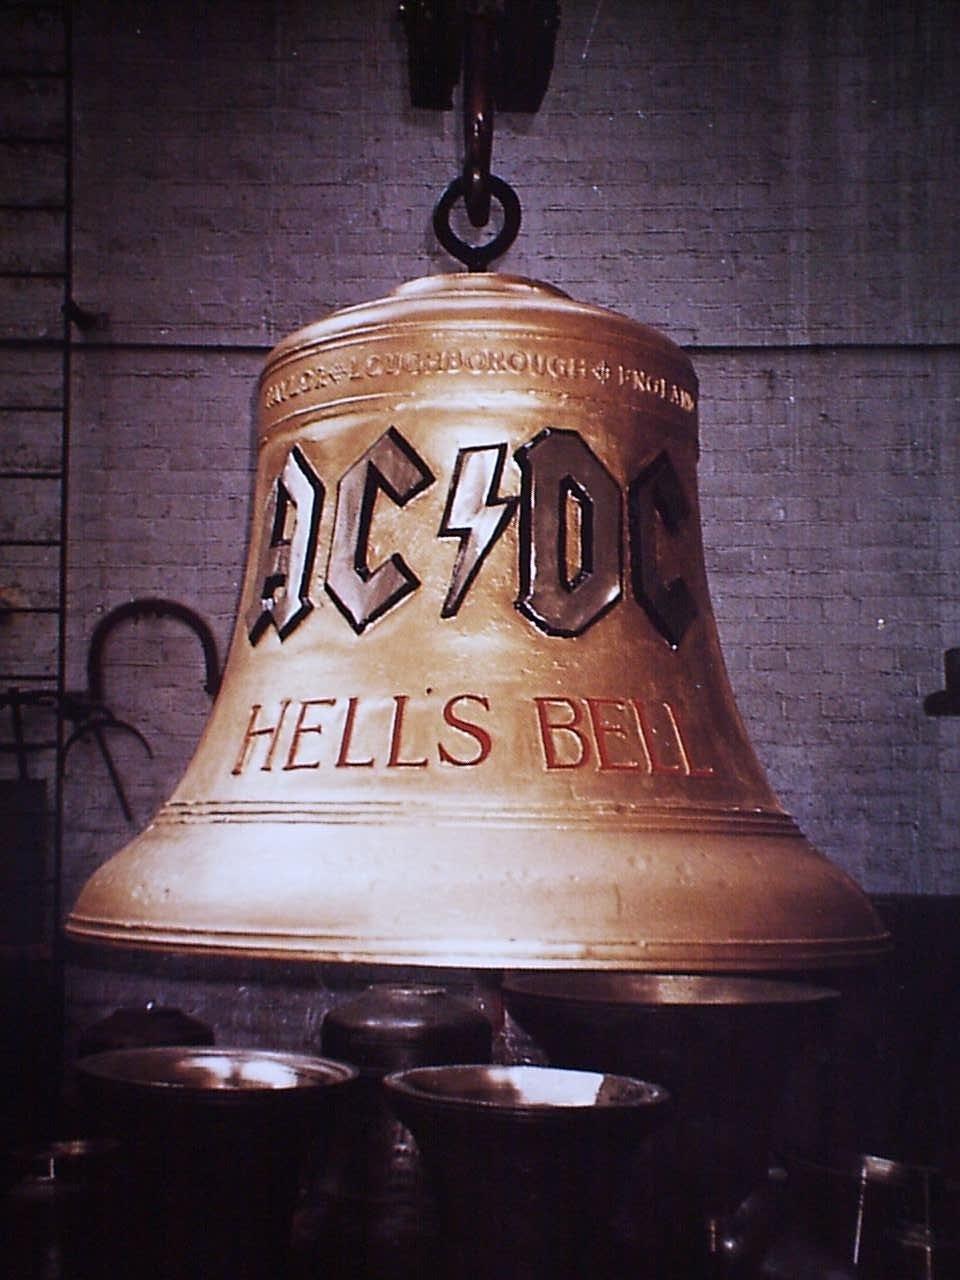 AC/DC - Hells Bells Lyrics